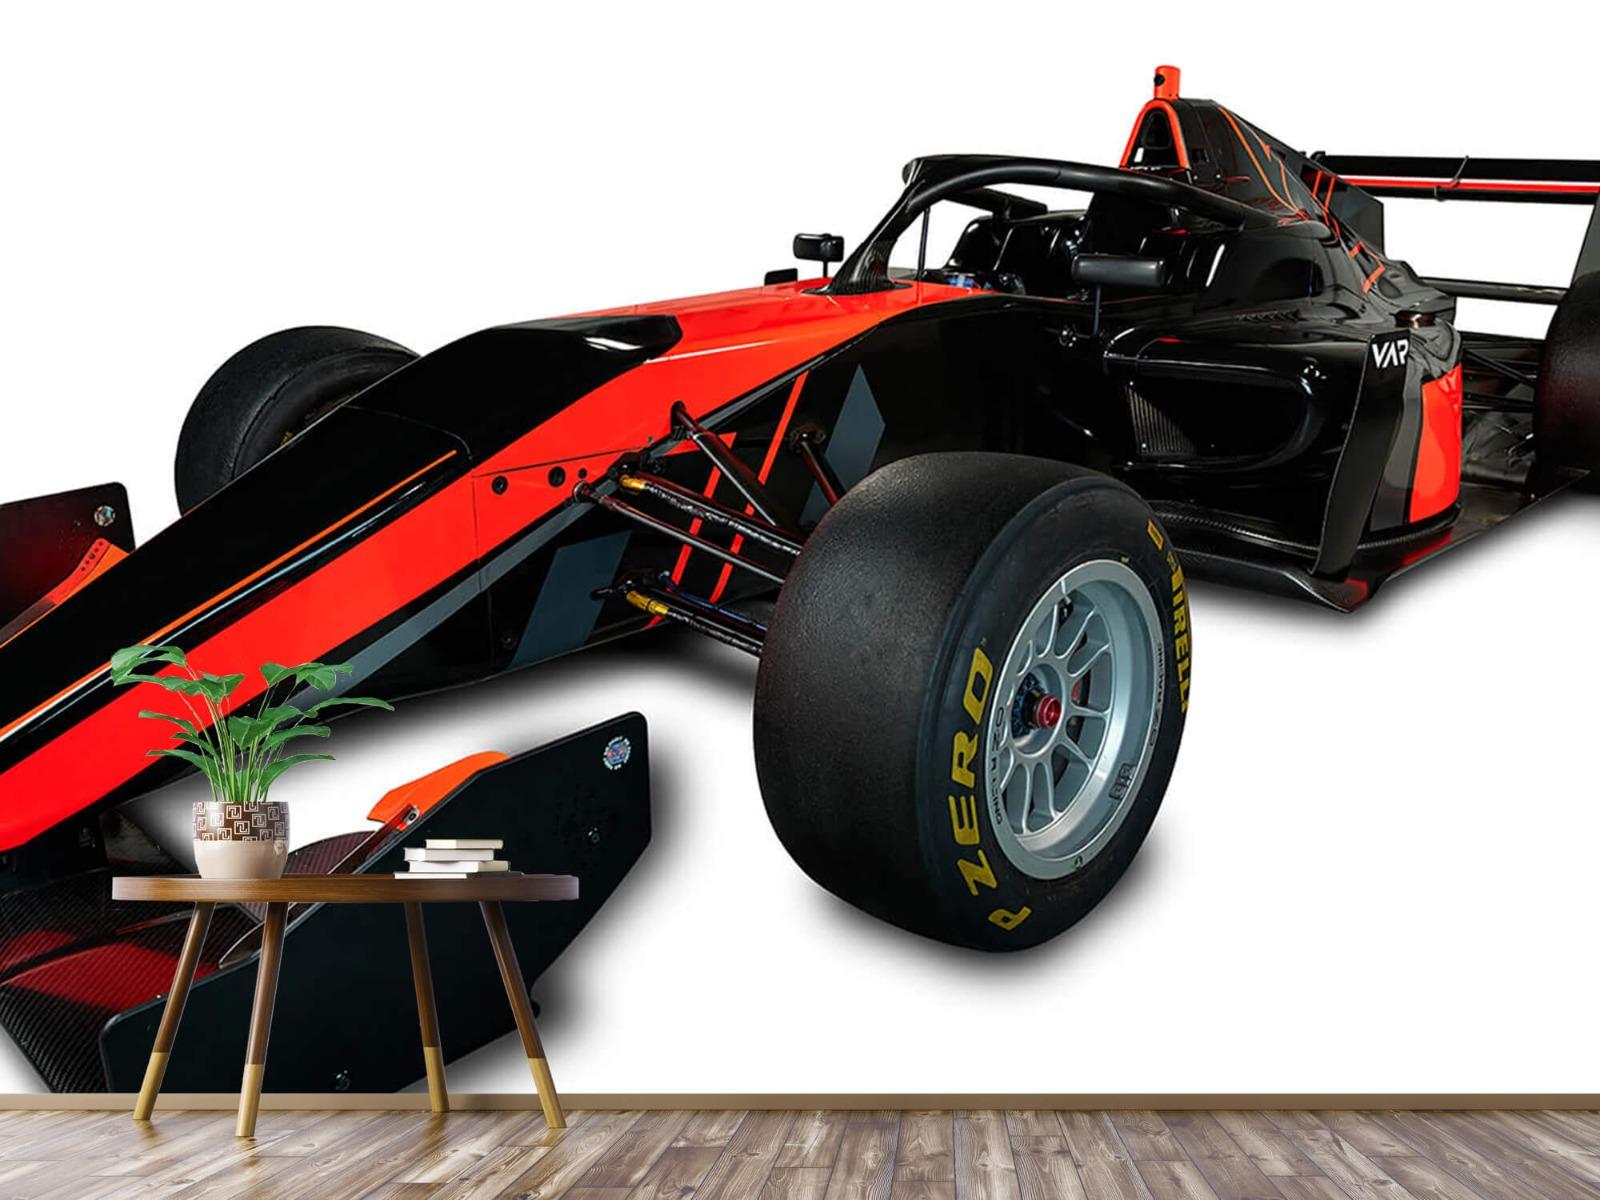 Sportauto's - Formule 3 - Left front view - Tienerkamer 2